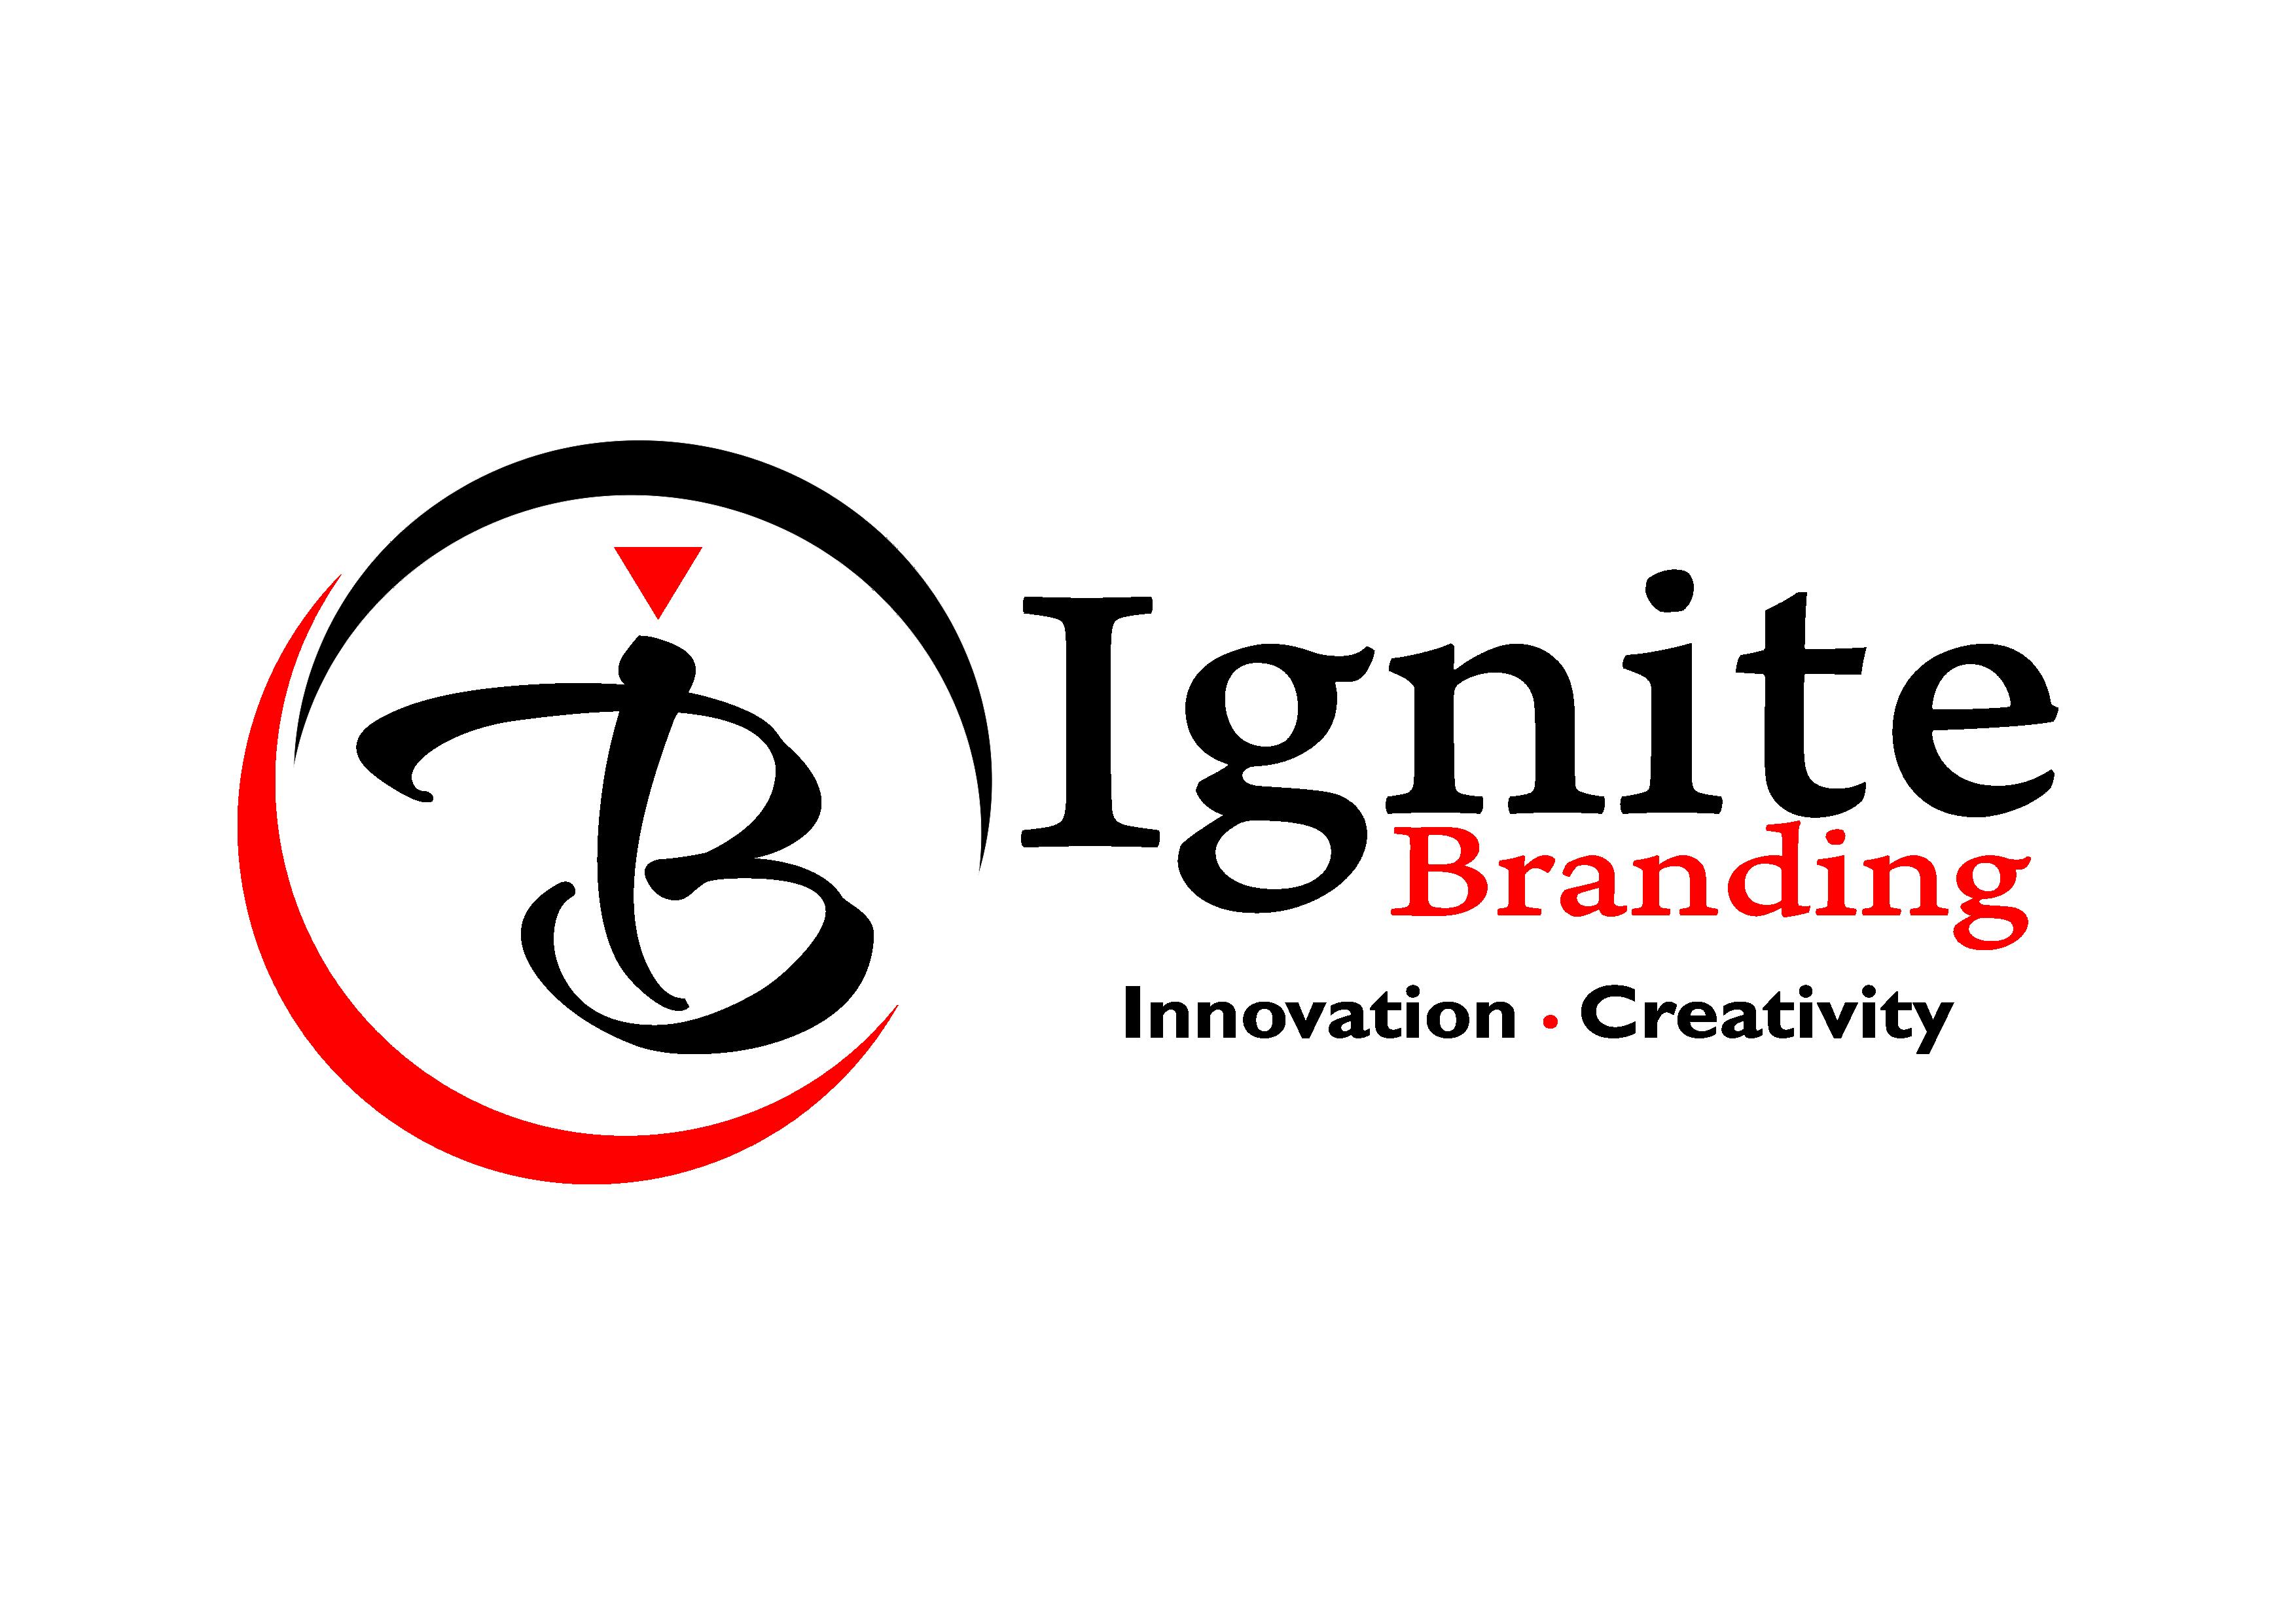 Ignite Branding